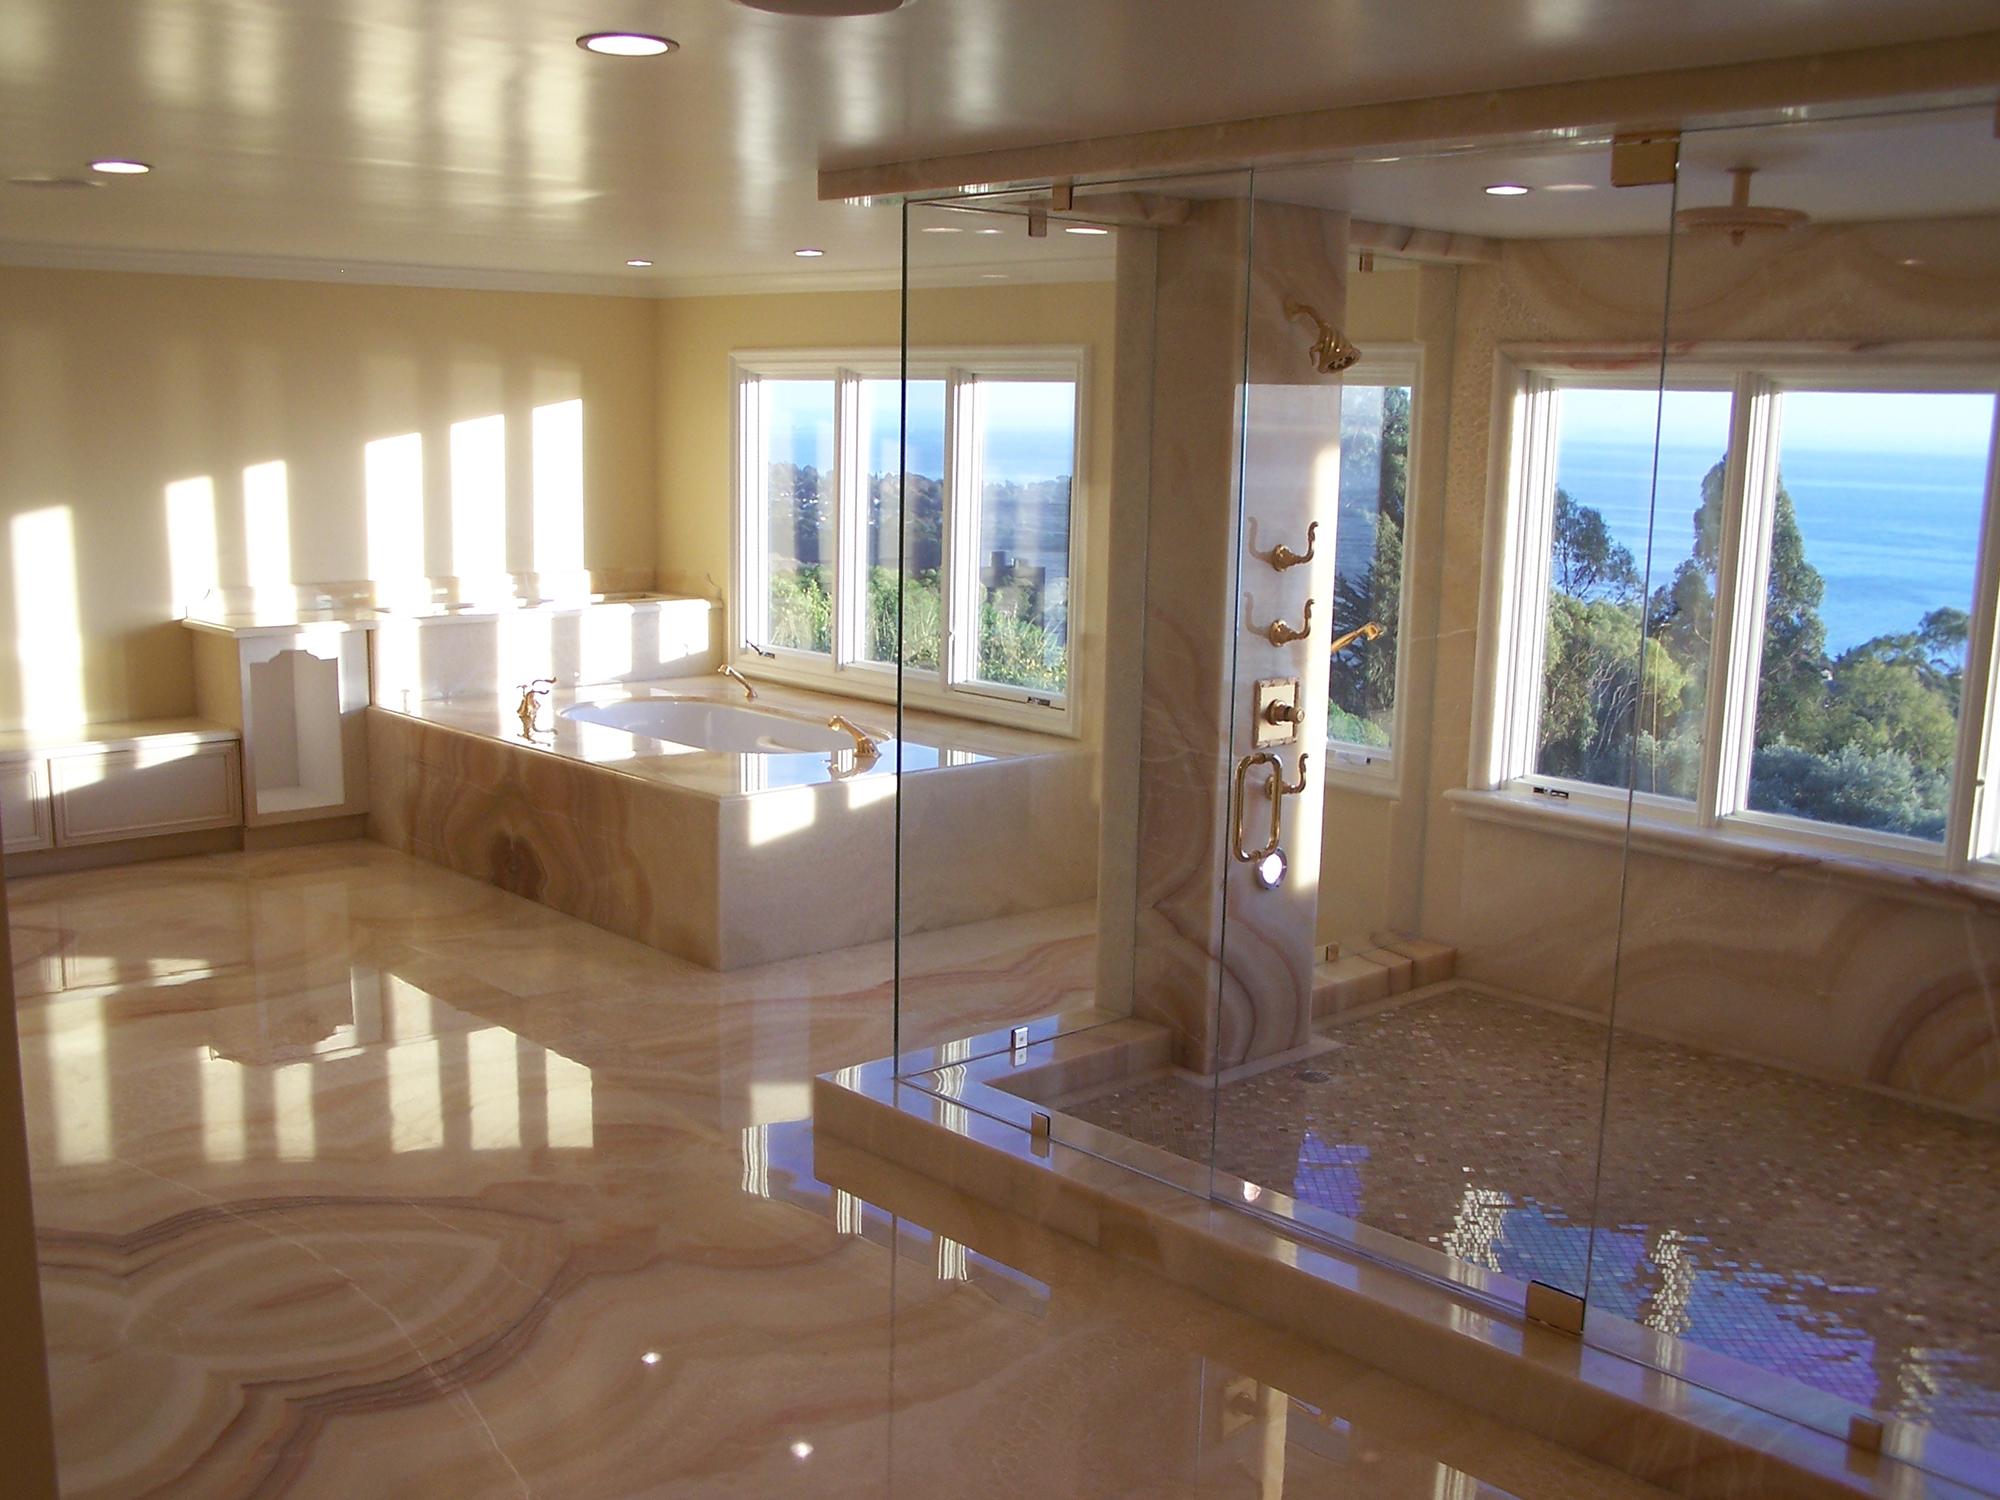 Мрамор кремового цвета в интерьере ванной комнаты